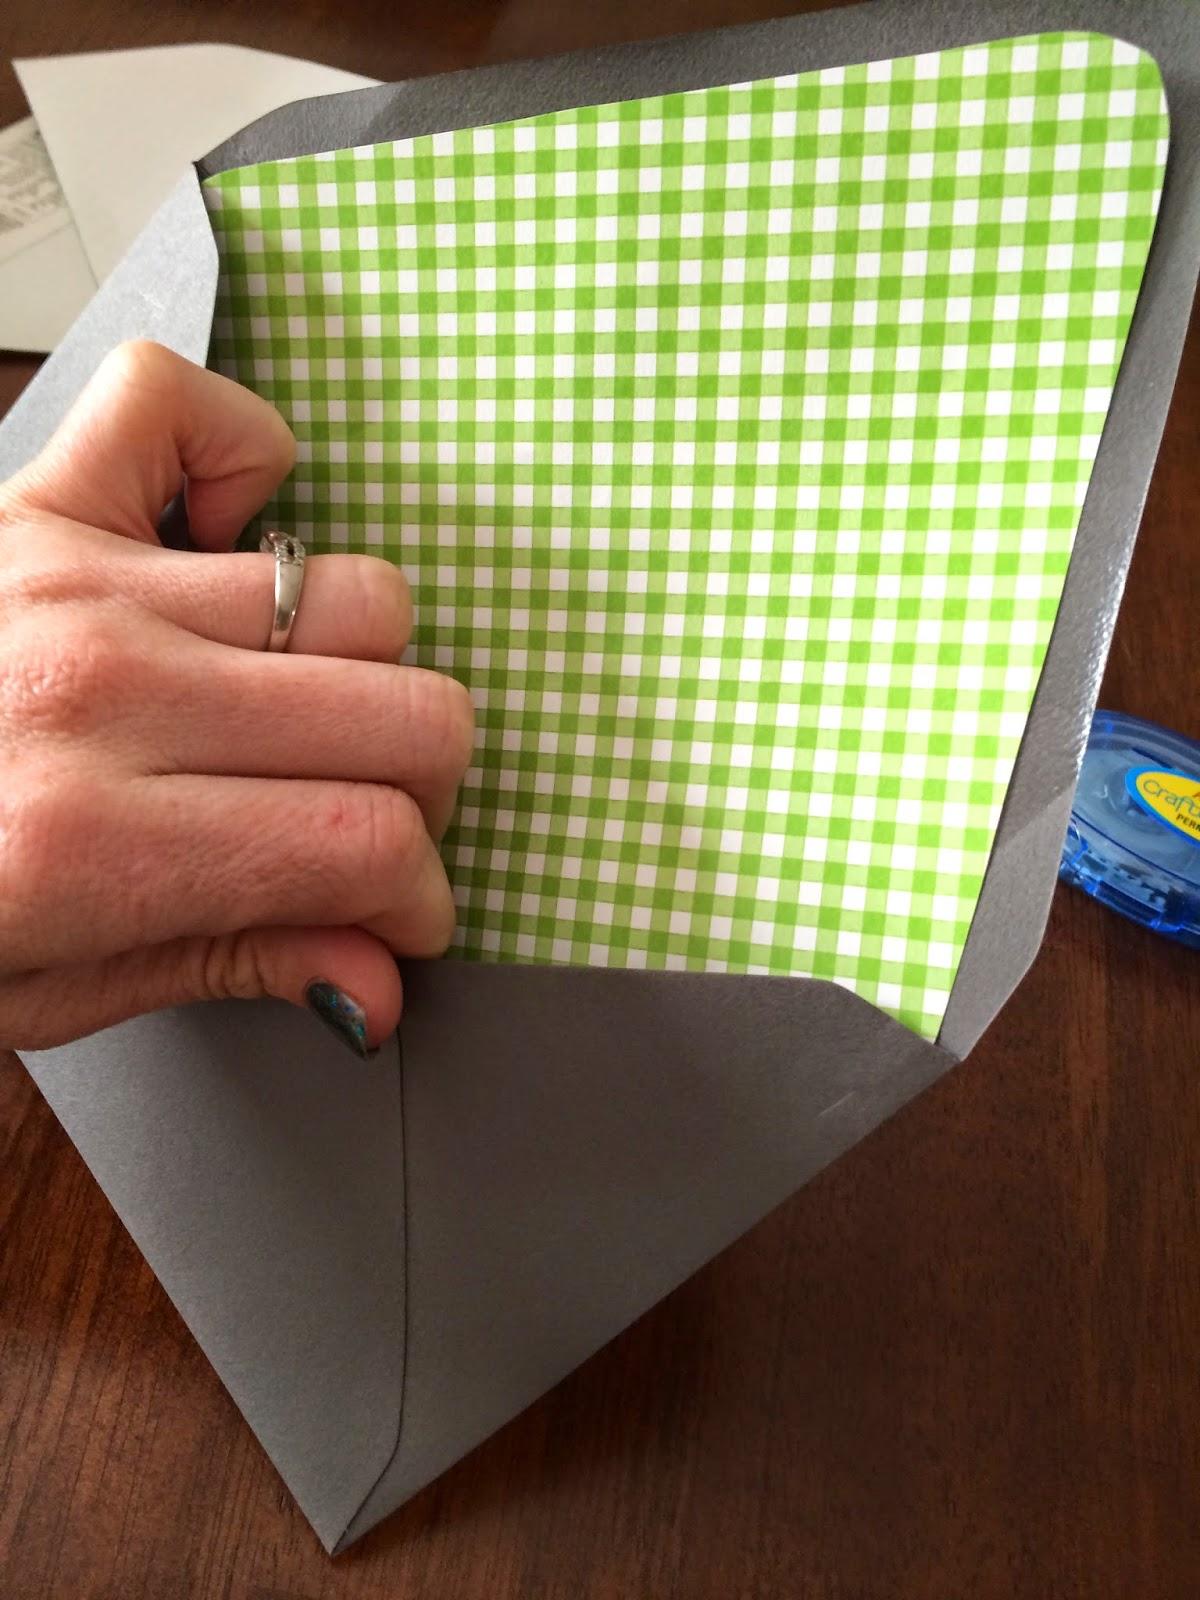 Doeblerghini Bunch:  Envelope Liner - Liner sliding into envelope